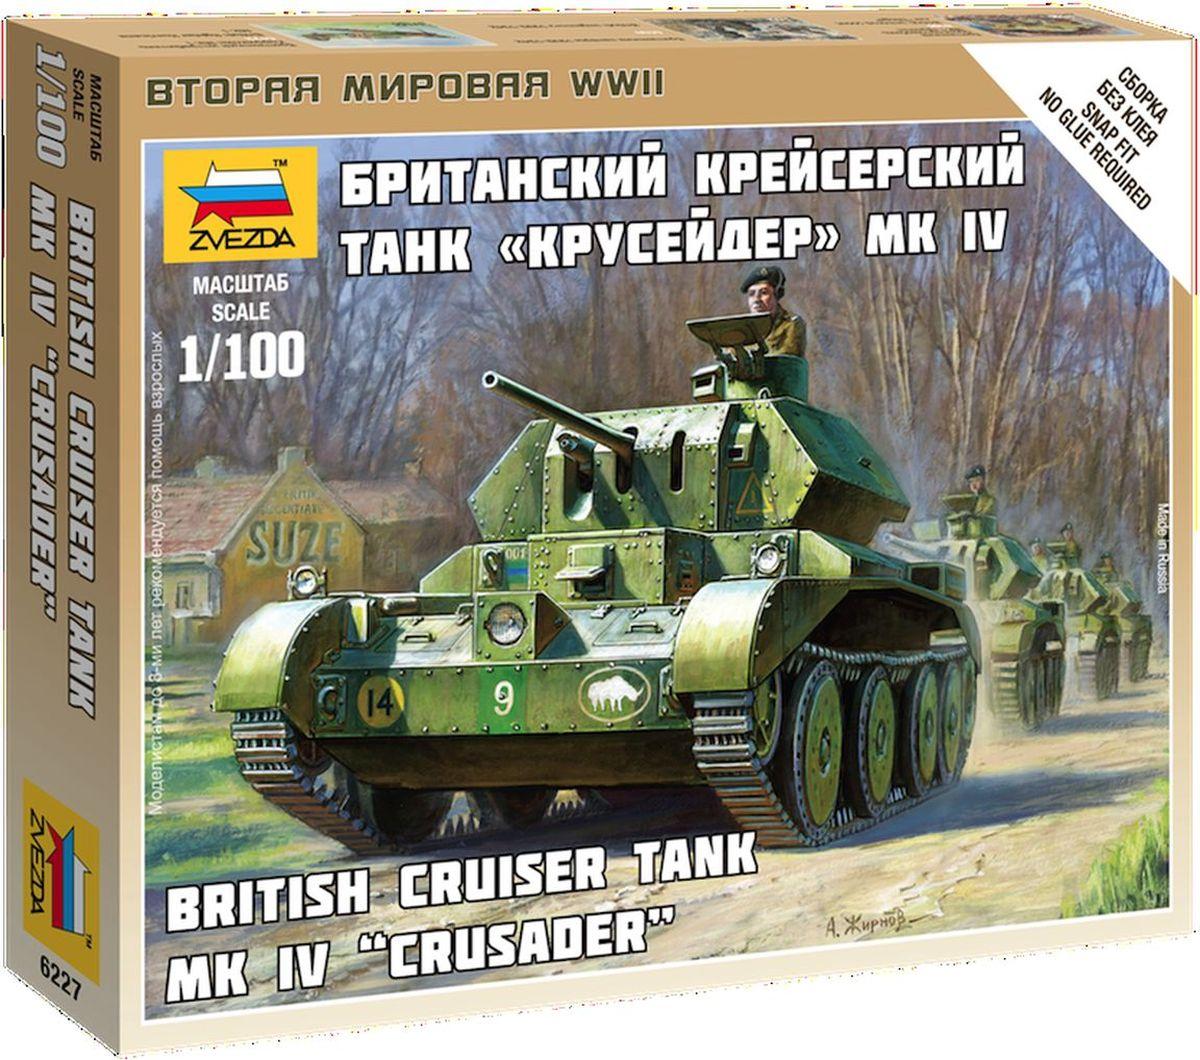 Звезда Сборная модель Британский крейсерский танк Крусейдер MK IV6227С помощью сборной модели Звезда Британский крейсерский танк Крусейдер MK IV вы и ваш ребенок сможете собрать уменьшенную копию настоящего британского крейсерского танка времен Второй мировой войны. Набор включает в себя 8 пластиковых элементов для сборки модели, а также карточку и инструкцию на русском языке. Сборка без клея! Танк Crusader IV создавался, как крейсерский - т.е. танк, созданный для развития прорыва и уничтожения тыловых линий снабжения у противника. Развивал отличную скорость для тех времён - до 40 км/ч. Первая партия танков была отправлена в Северную Африку, где выяснилось, что немецкие PZ III намного превосходят своих оппонентов. Слабая броня и слабое вооружение сказывались очень быстро - большинство машин сгорело в первом же бою. Танк пытались модернизировать, установив новую мощную пушку, но до своих оппонентов он явно не дотягивал. Серийно танк выпускался до 1943 года, став одним из самых массовых танков британской армии. Ему на смену пришли более...